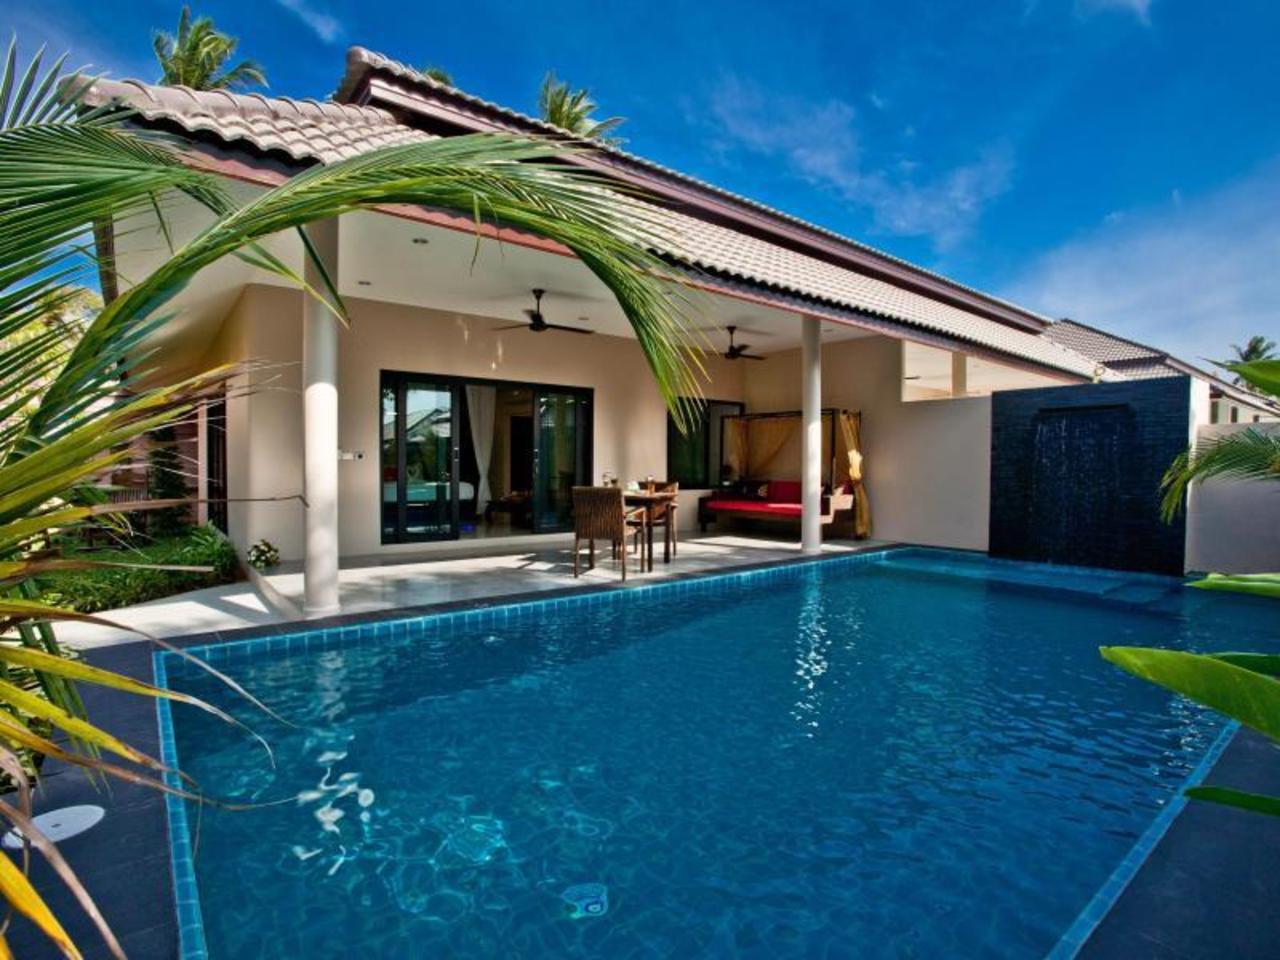 ไทยธานี พูล วิลลา รีสอร์ต (Thai Thani Pool Villa Resort)